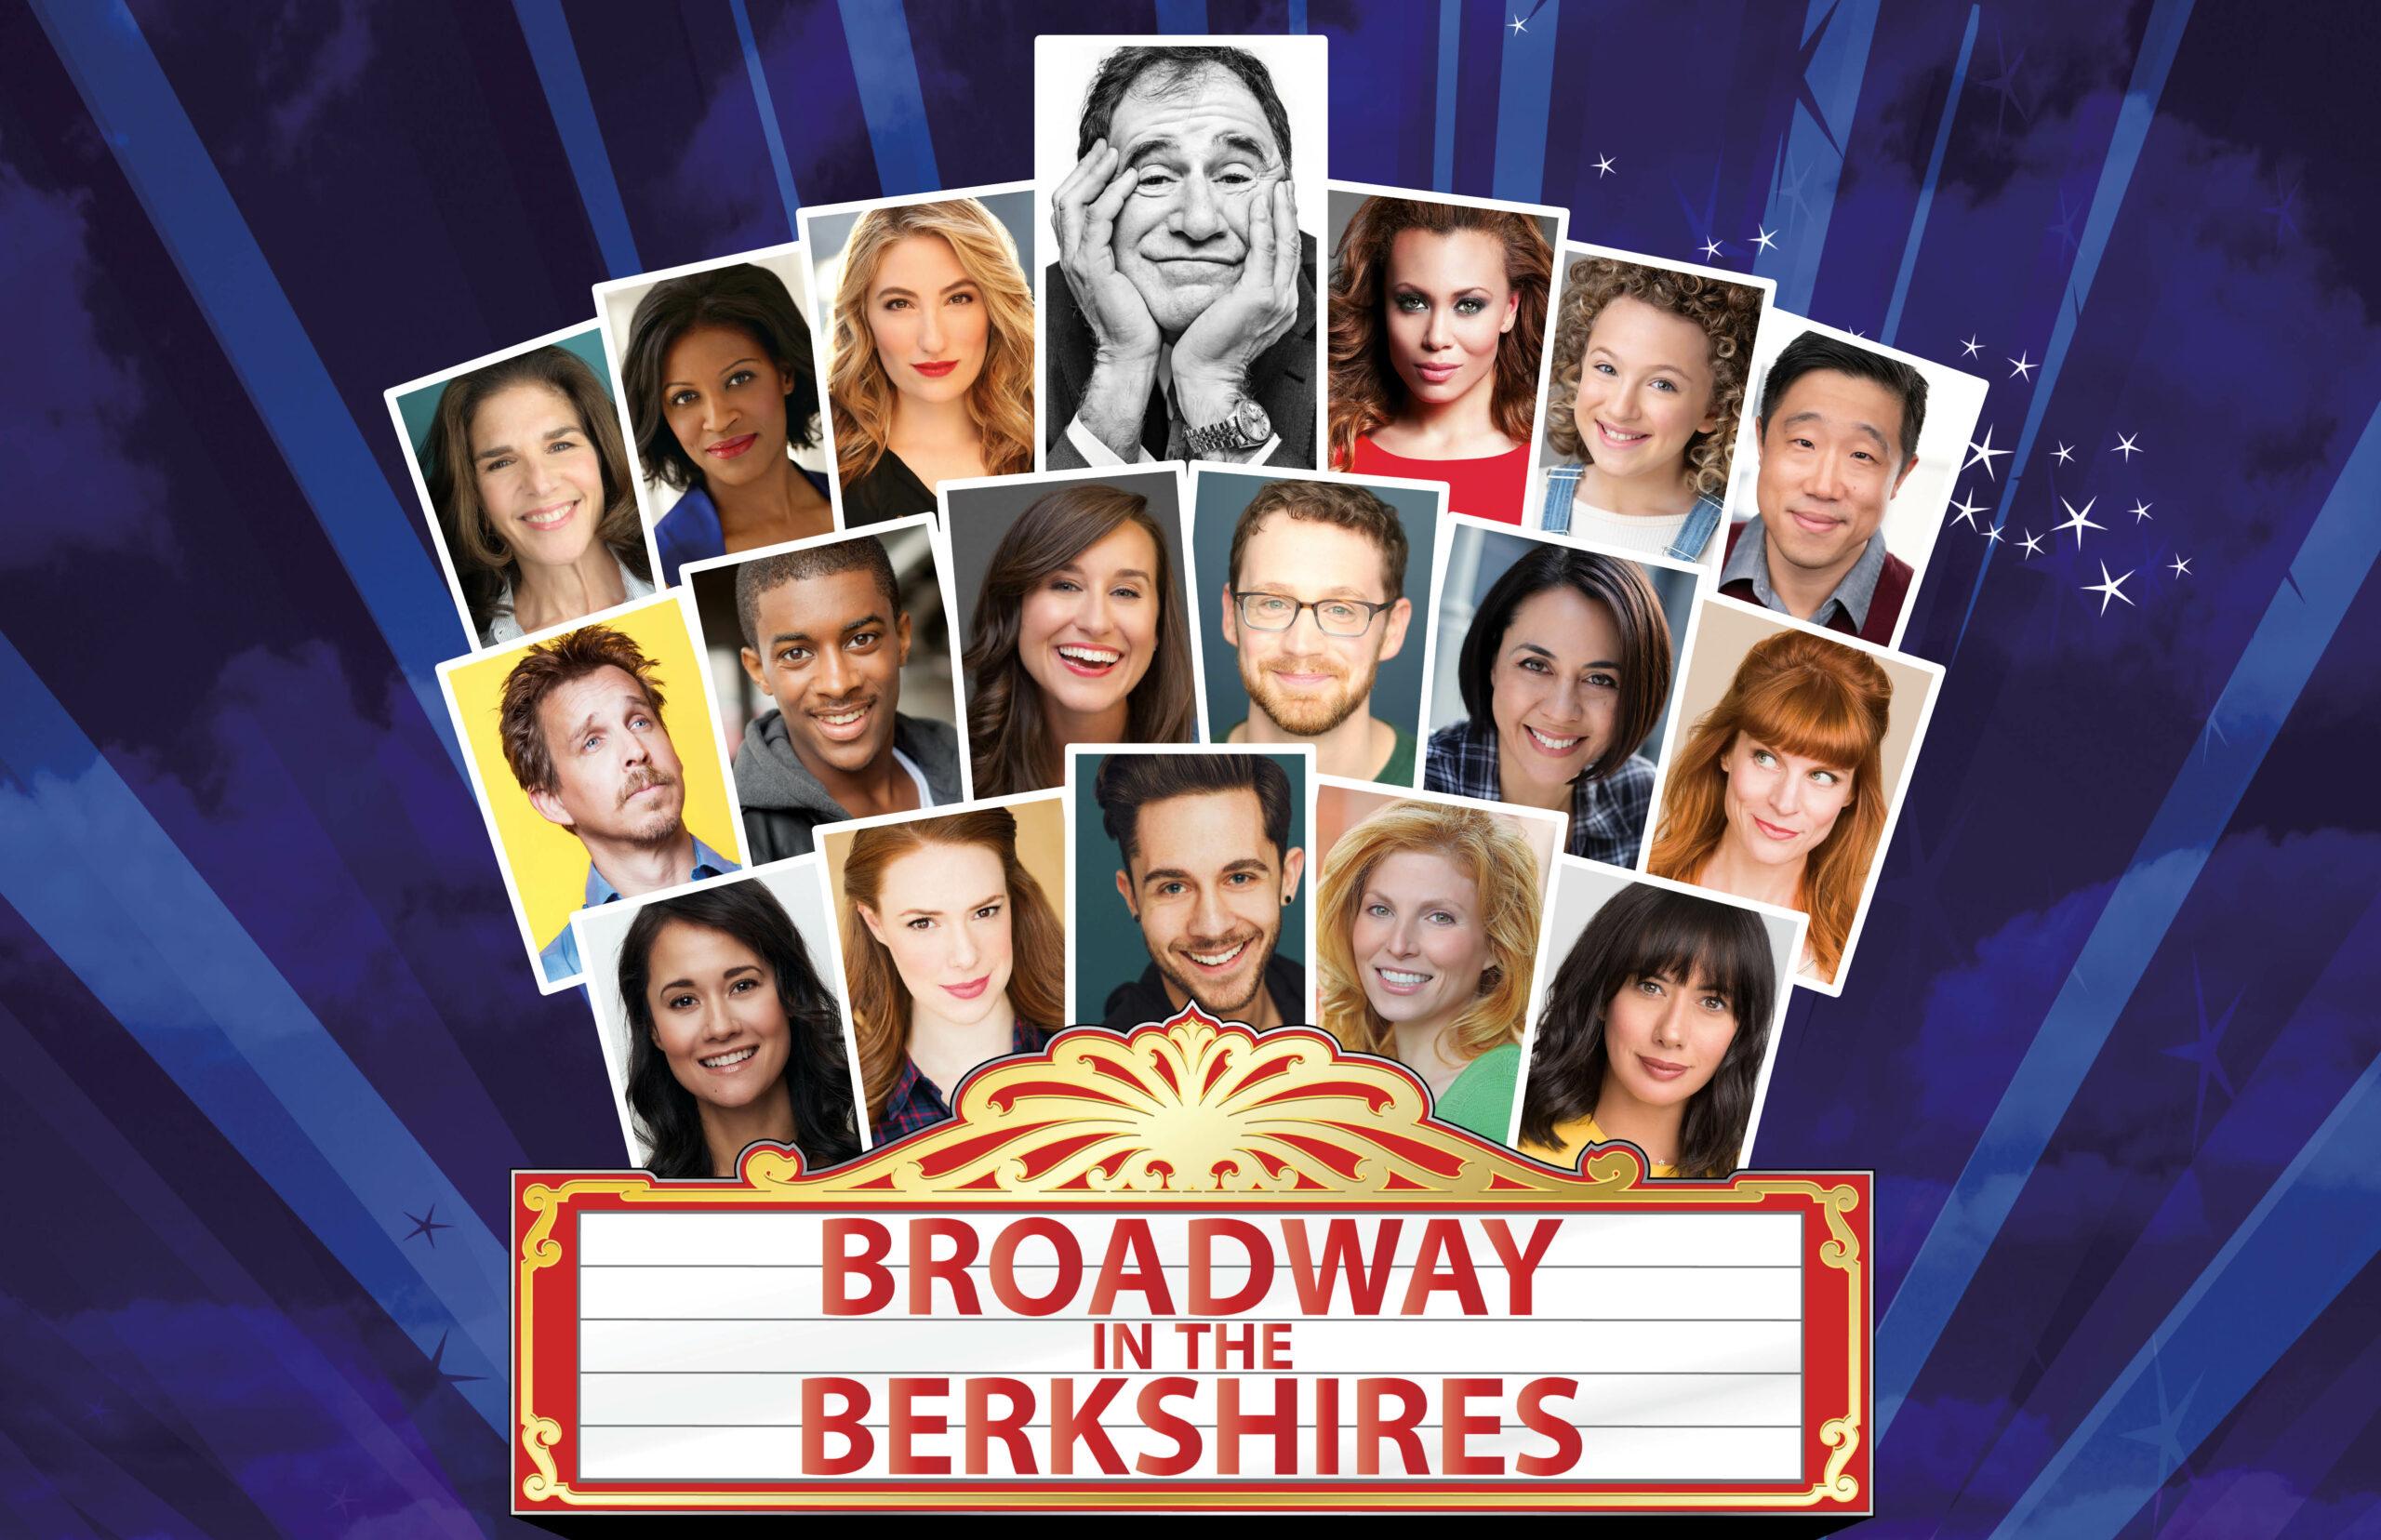 Broadway in the Berkshires